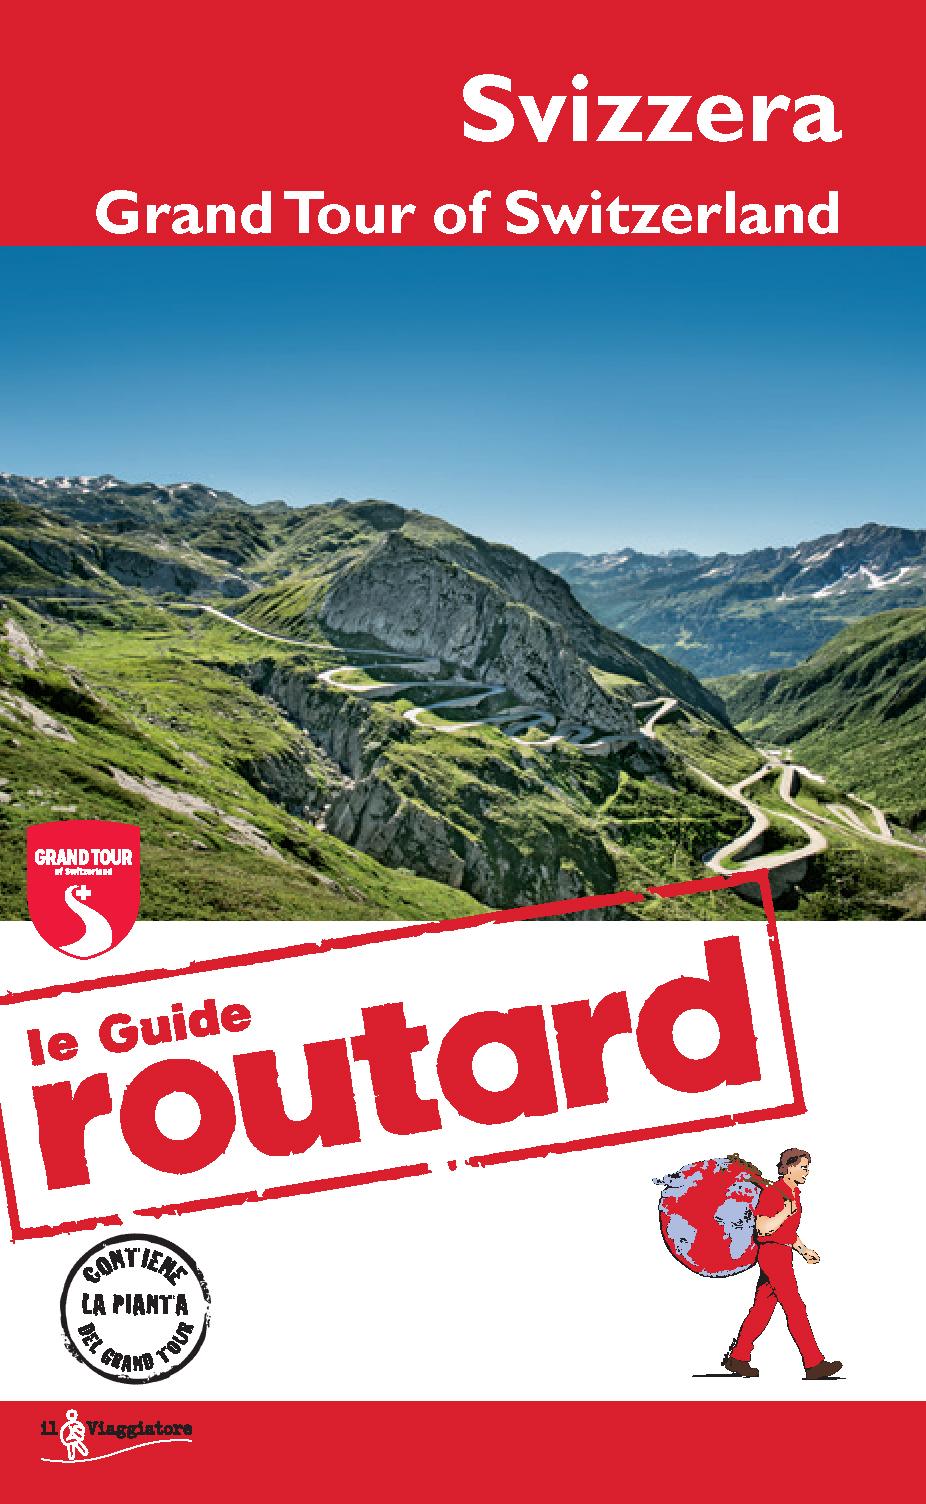 Routerd - Svizzera